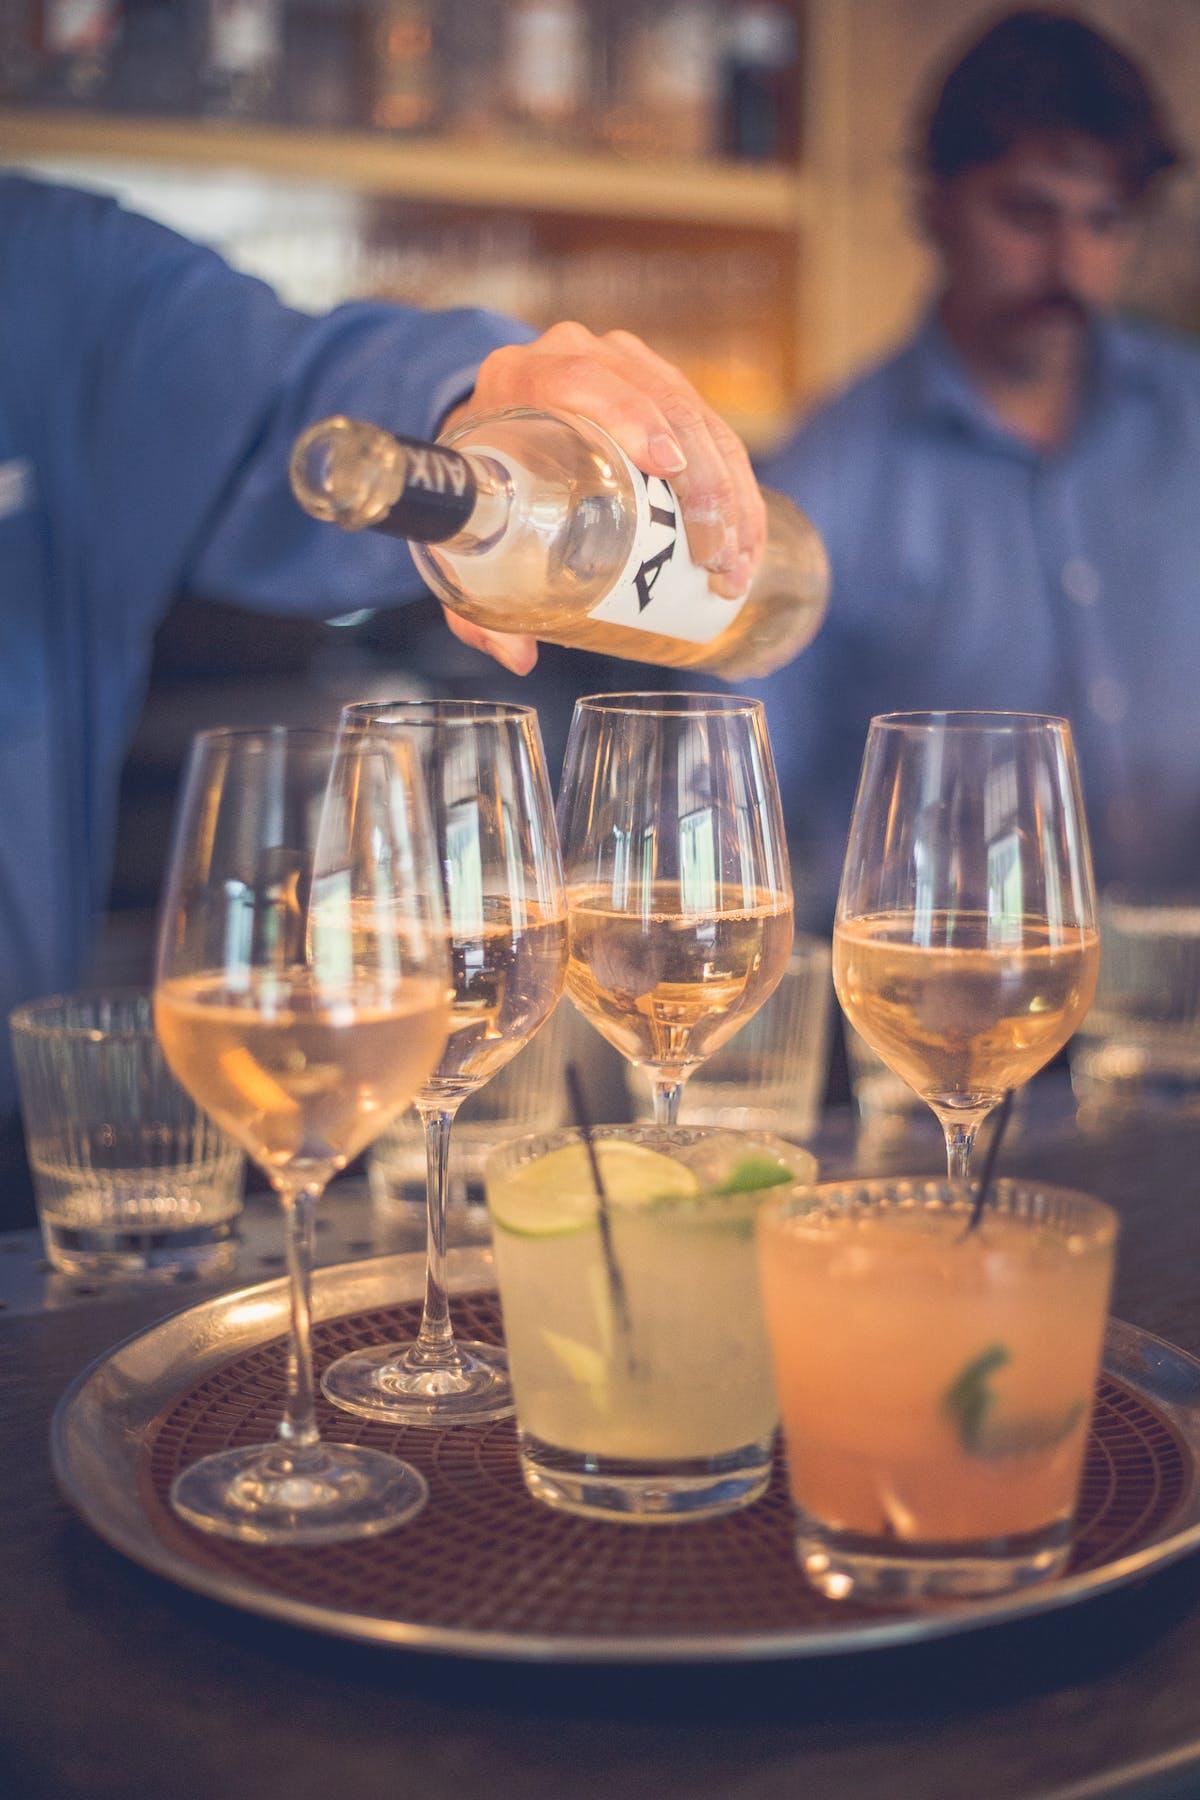 Larkspur Wedding Venue Vail Colorado Mountain Patio Outdoors Passed Drinks